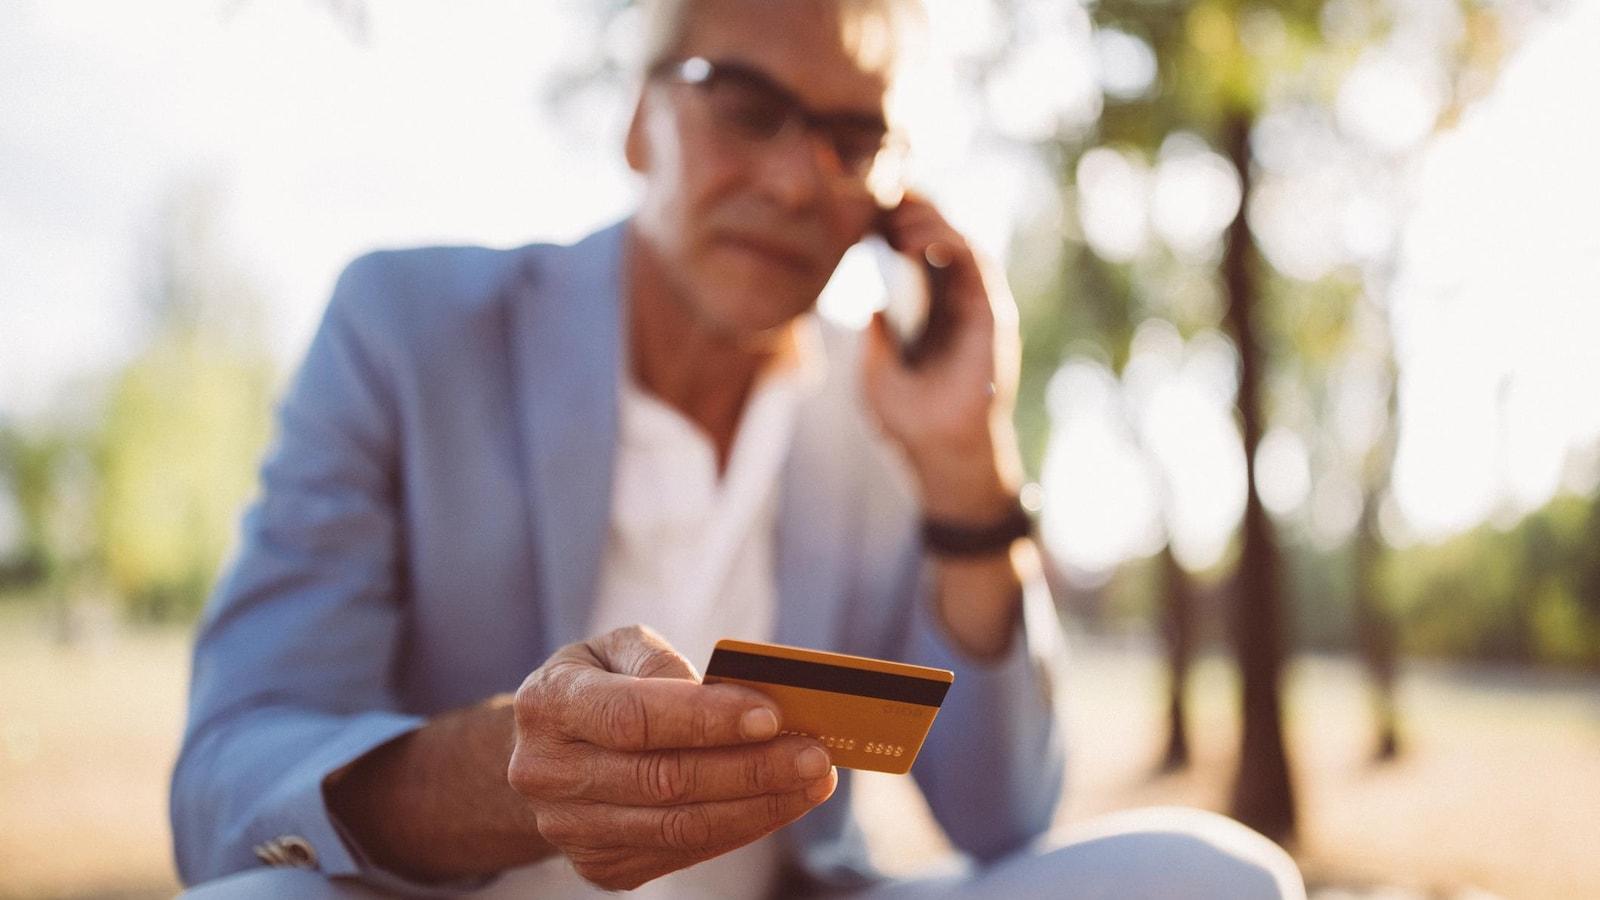 Un homme donne son numéro de carte de crédit au téléphone.